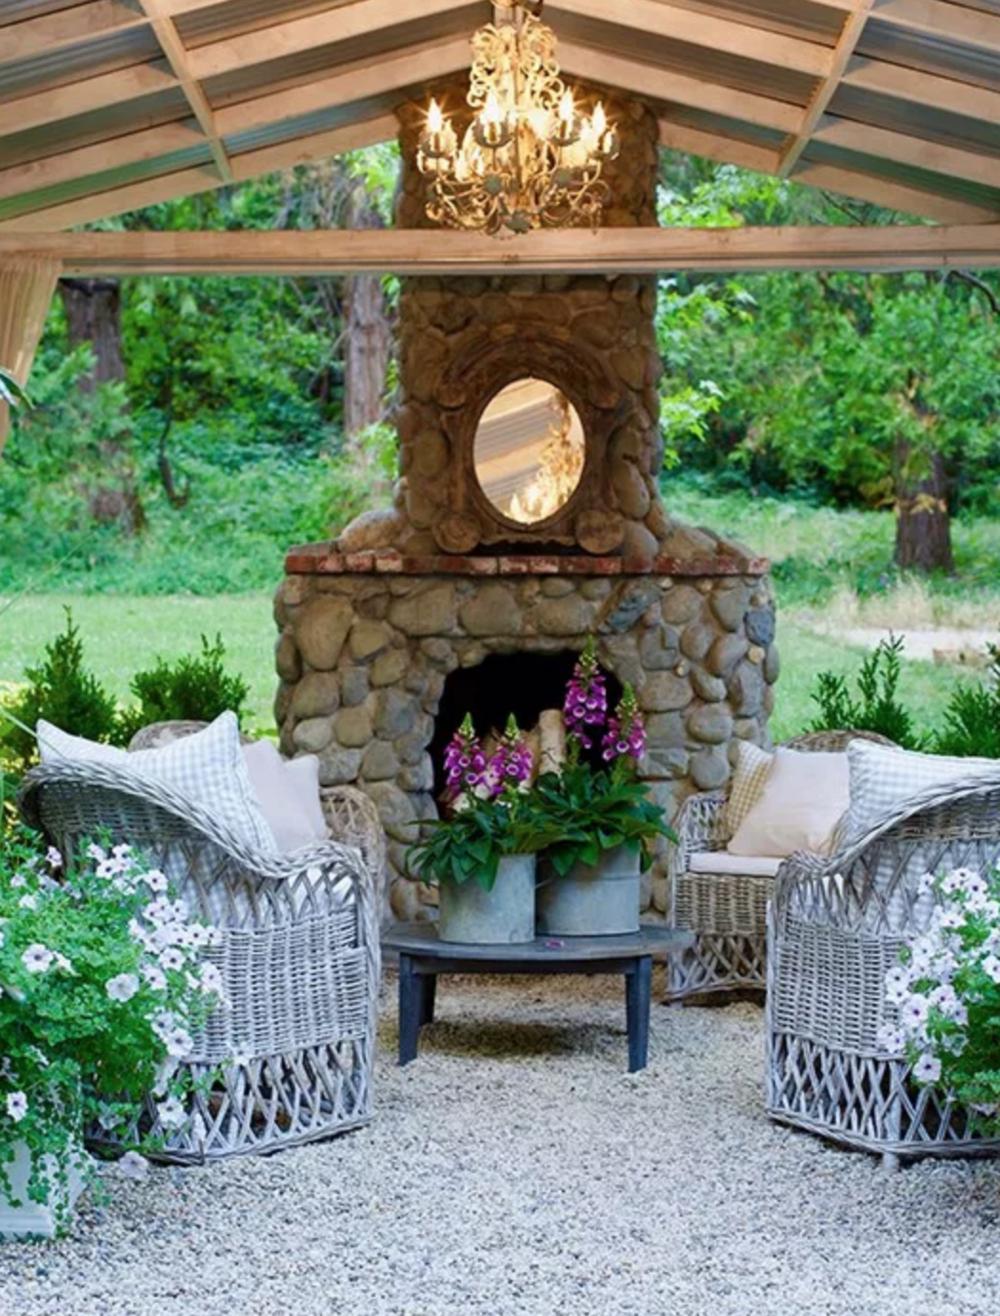 Inspiring Interior Designers-Courtney Allison